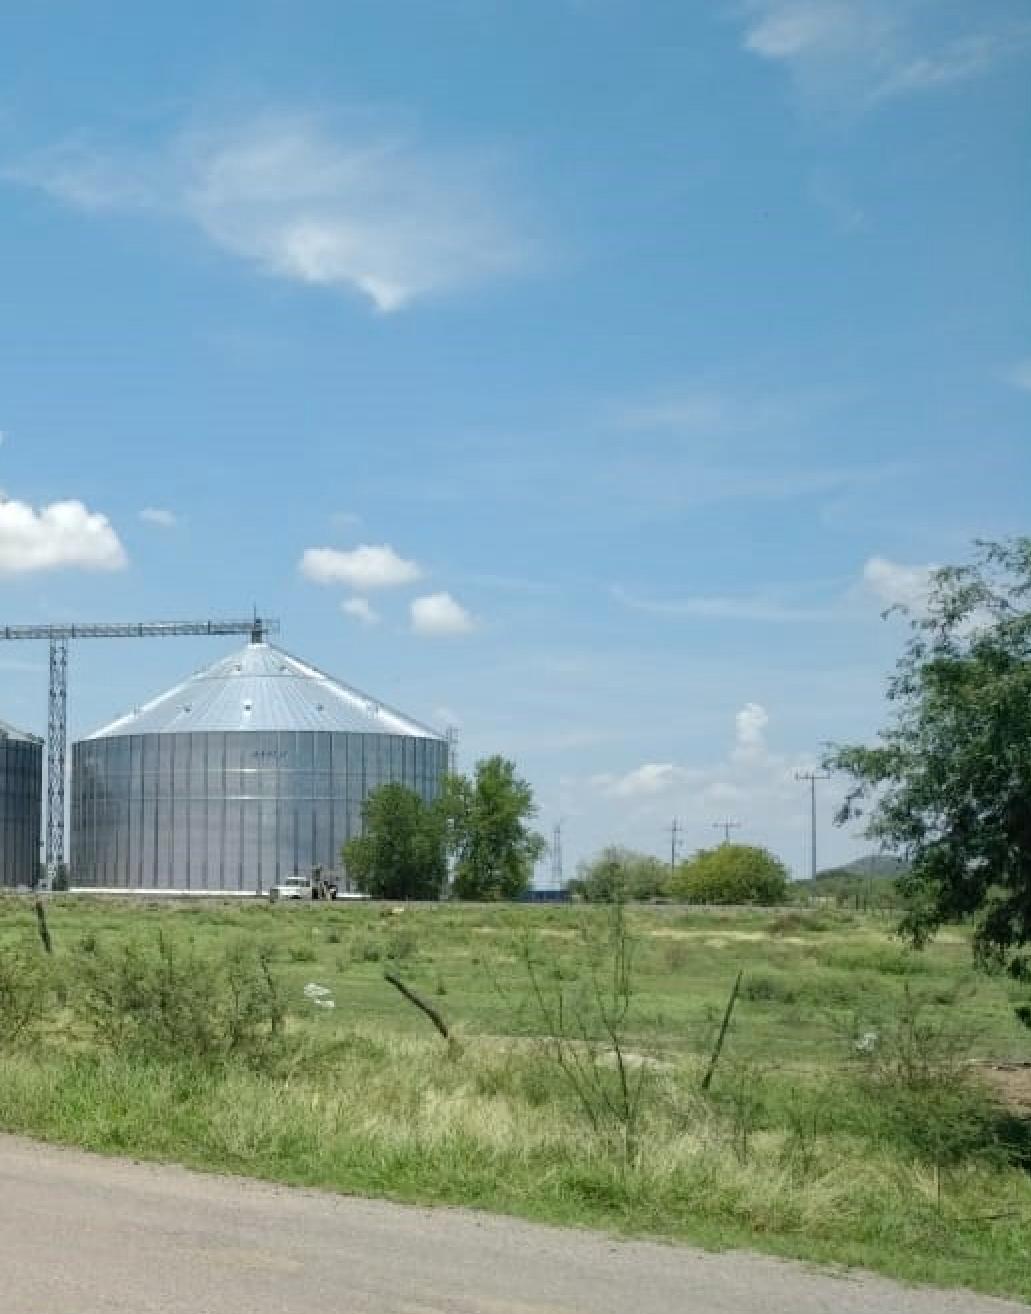 SCAFCO 10,000 metric ton corn silo